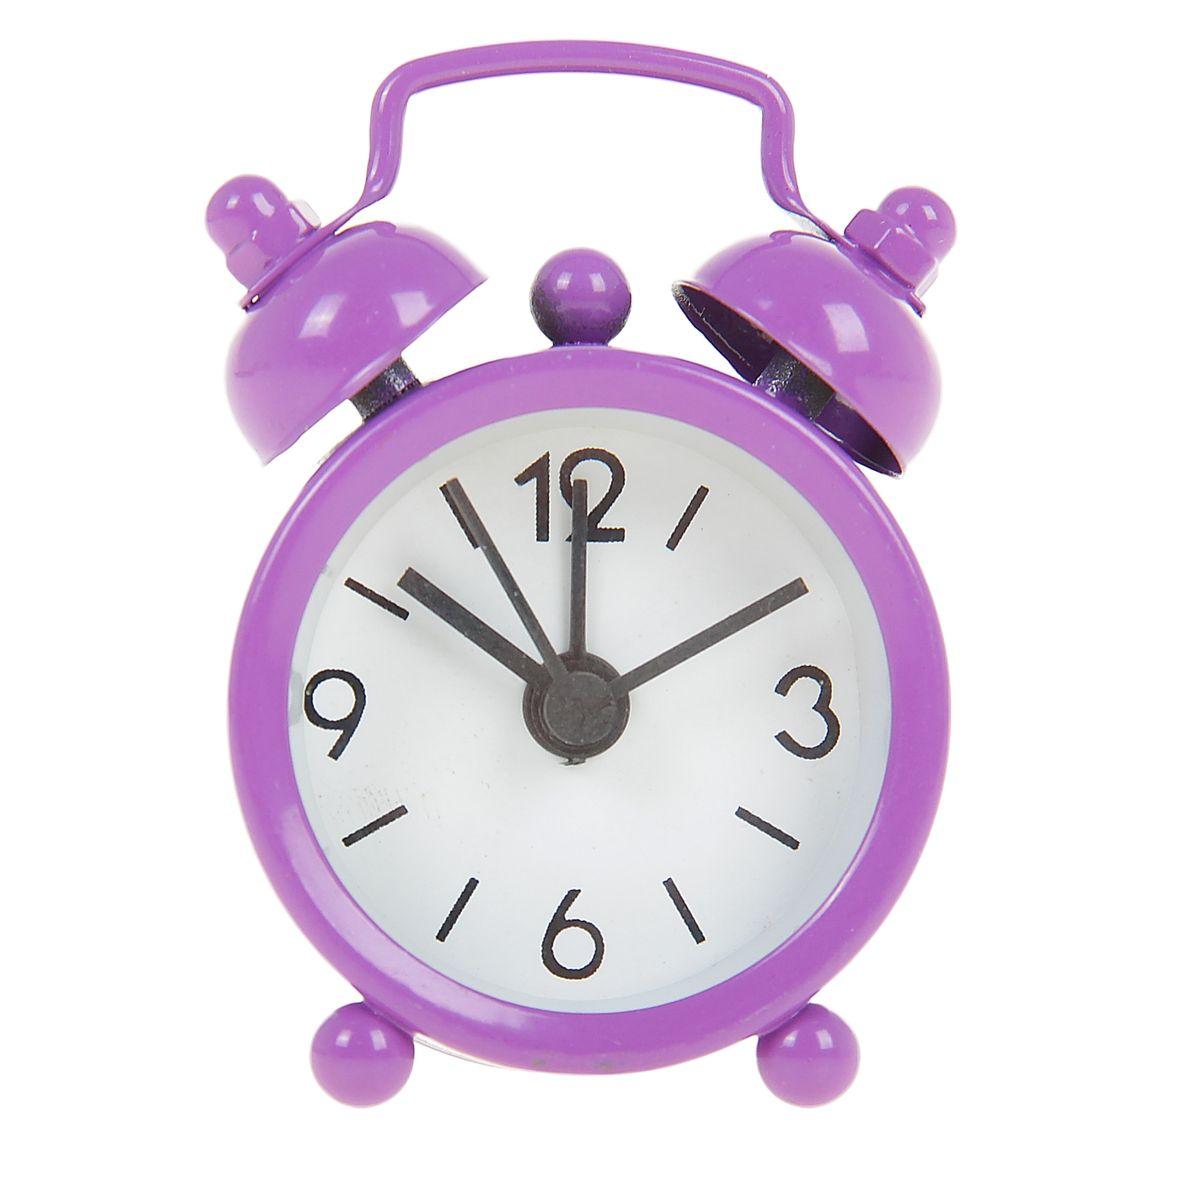 Часы-будильник Sima-land, цвет: фиолетовый. 840937FA-1906 BlackКак же сложно иногда вставать вовремя! Всегда так хочется поспать еще хотя бы 5 минут и бывает, что мы просыпаем. Теперь этого не случится! Яркий, оригинальный будильник Sima-land поможет вам всегда вставать в нужное время и успевать везде и всюду. Будильник украсит вашу комнату и приведет в восхищение друзей. Эта уменьшенная версия привычного будильника умещается на ладони и работает так же громко, как и привычные аналоги. Время показывает точно и будит в установленный час.На задней панели будильника расположены переключатель включения/выключения механизма, а также два колесика для настройки текущего времени и времени звонка будильника.Будильник работает от 1 батарейки типа LR44 (входит в комплект).